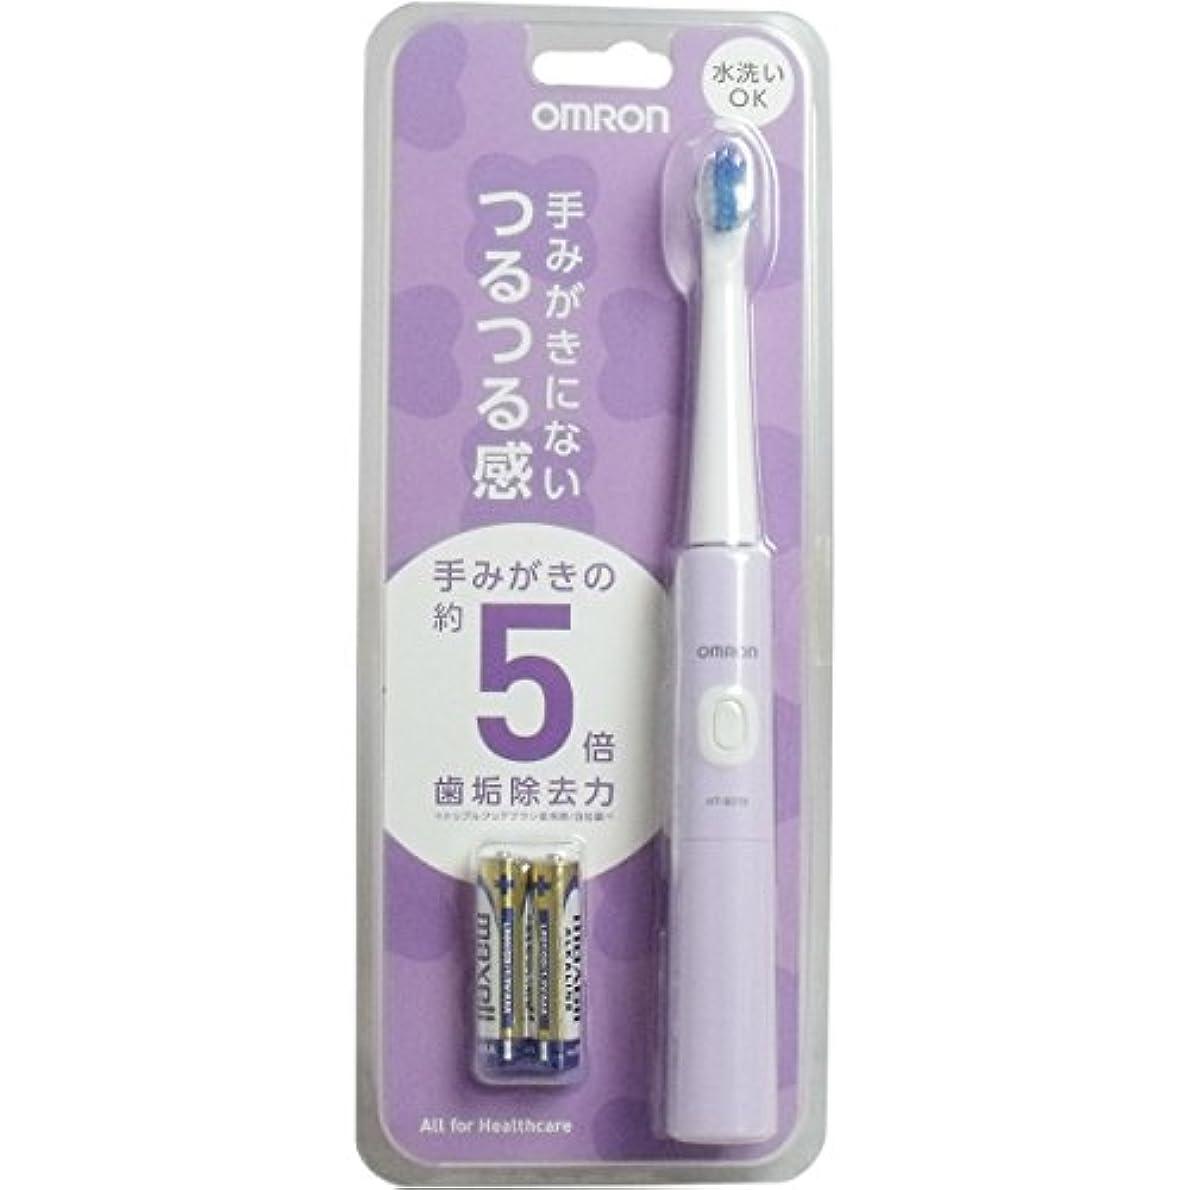 フォーラムストッキング立証するオムロンヘルスケア 音波式電動歯ブラシ パープル HT-B210-V